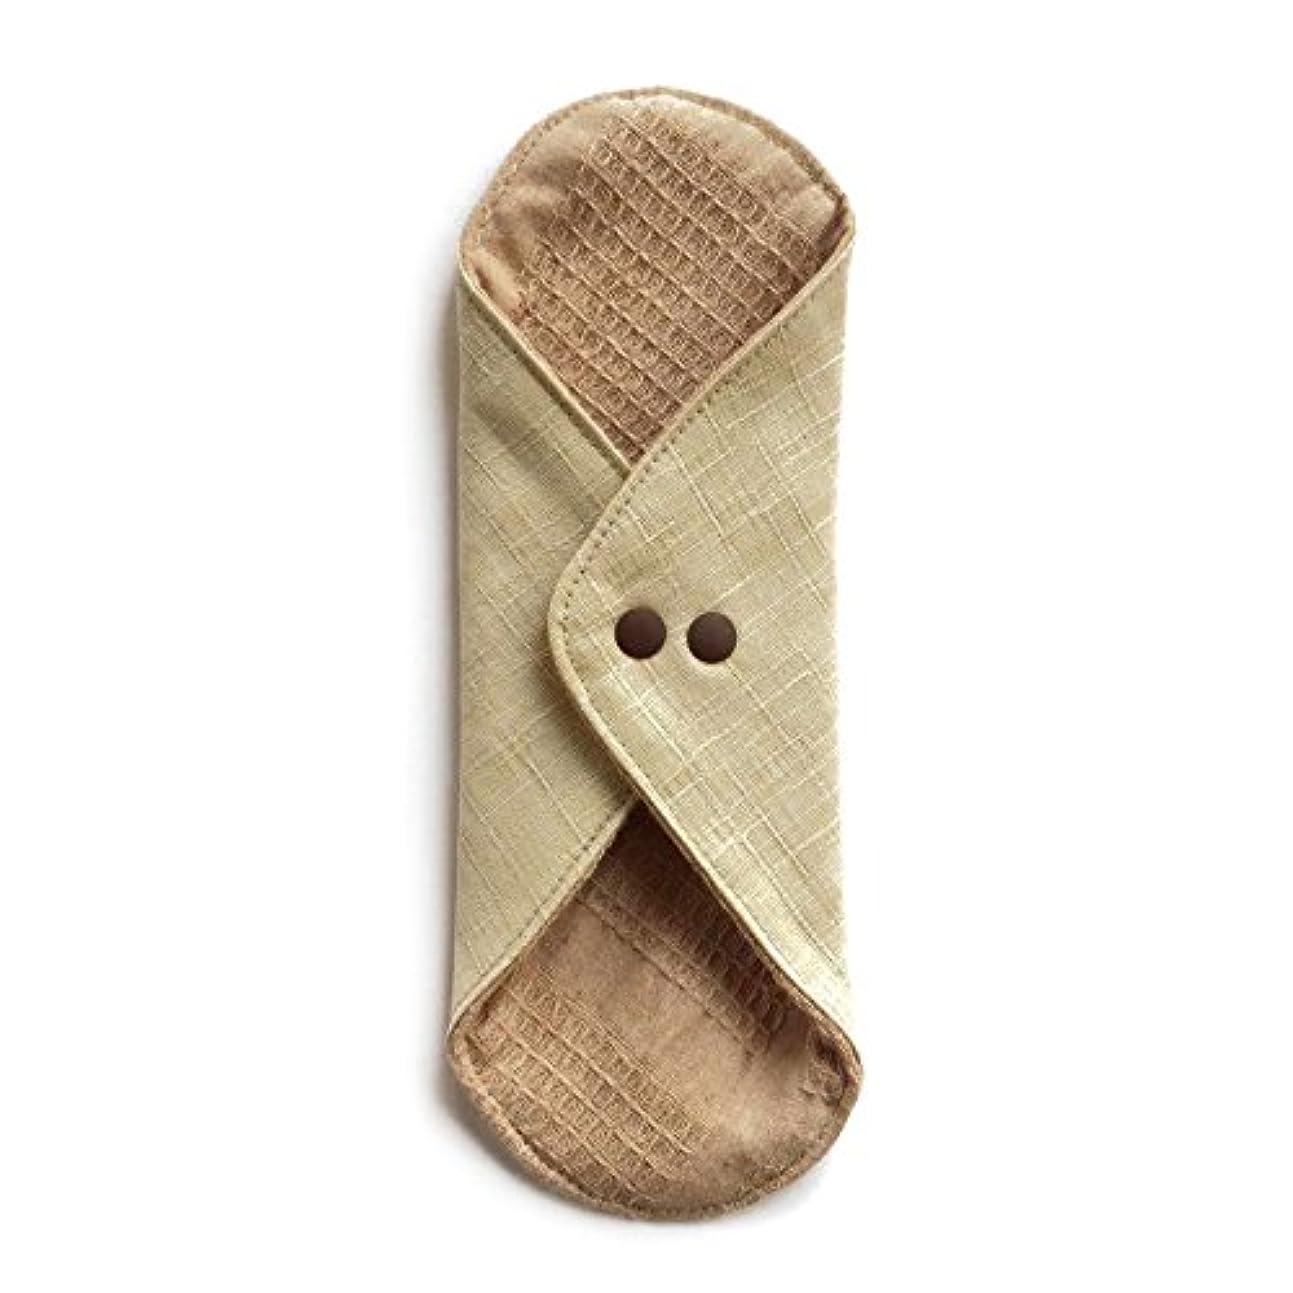 彼消費優先権華布のオーガニックコットンのあたため布 Lサイズ (約18×約20.5×約0.5cm) 彩り(百合)